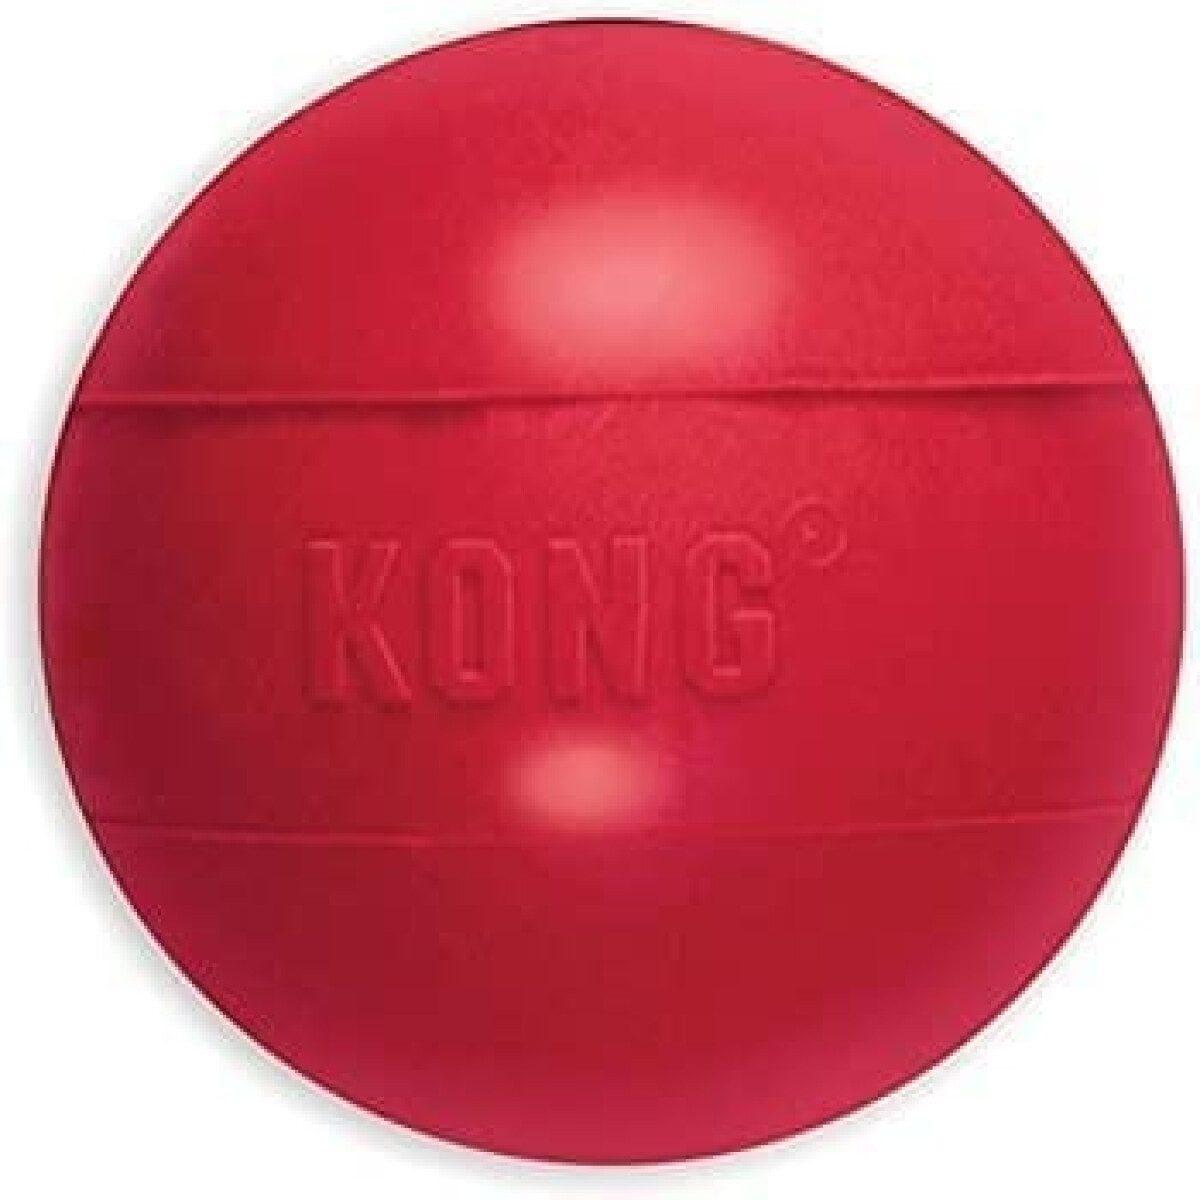 Kong lopta M/L